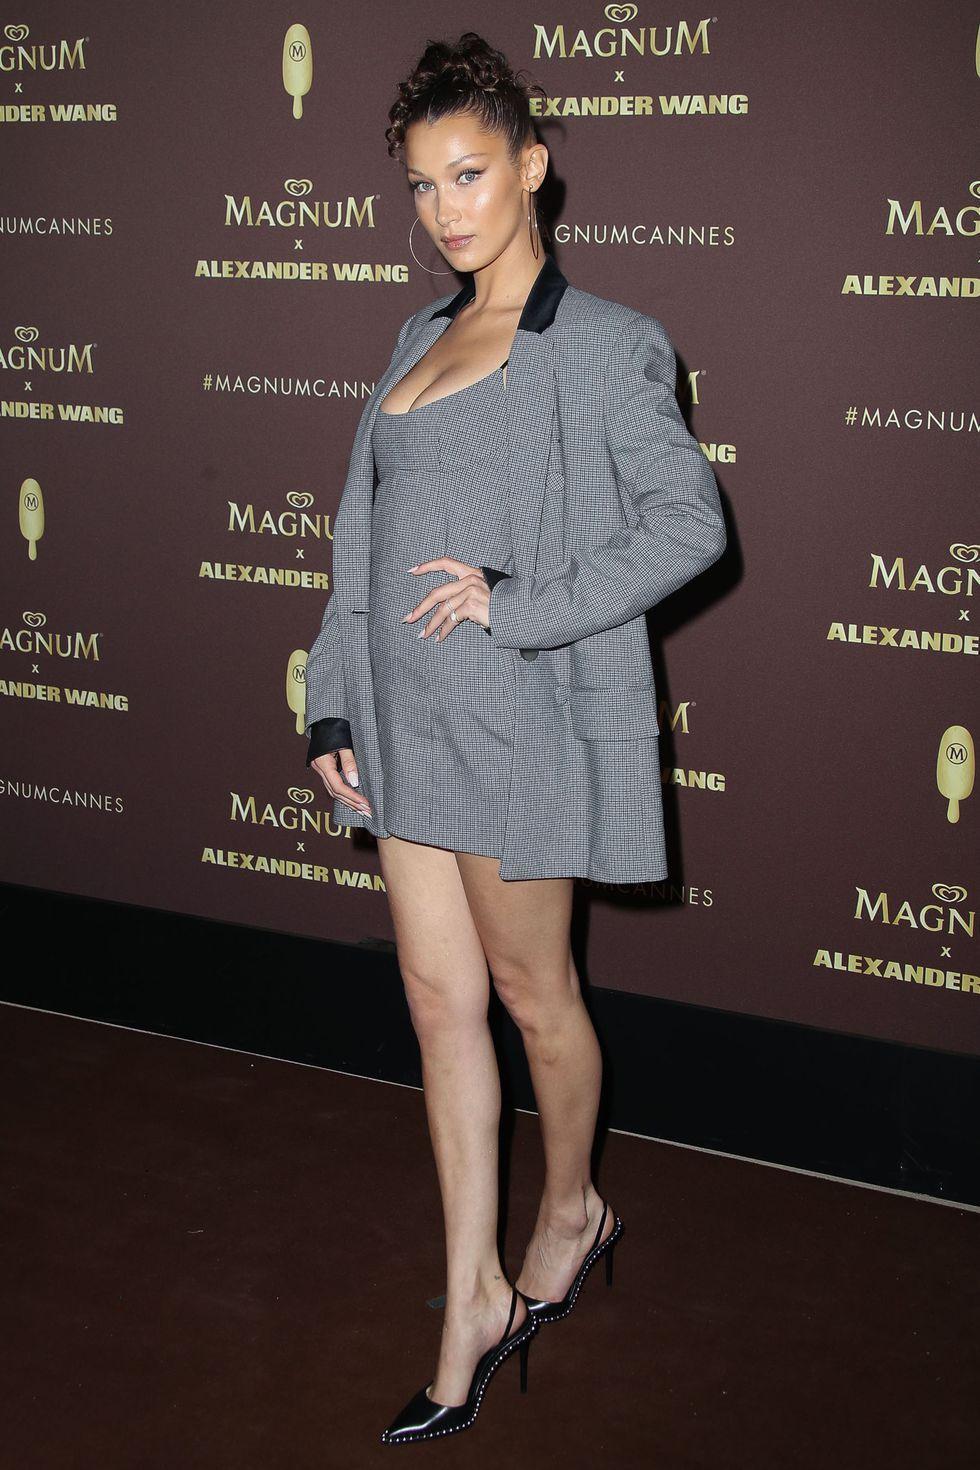 b270b7911ce0 Bella Hadid in Alexander Wang at the Magnum x Alexander Wang VIP Party in  Cannes, at the 71st Cannes Film Festival #cannes #hadid #bellahadid